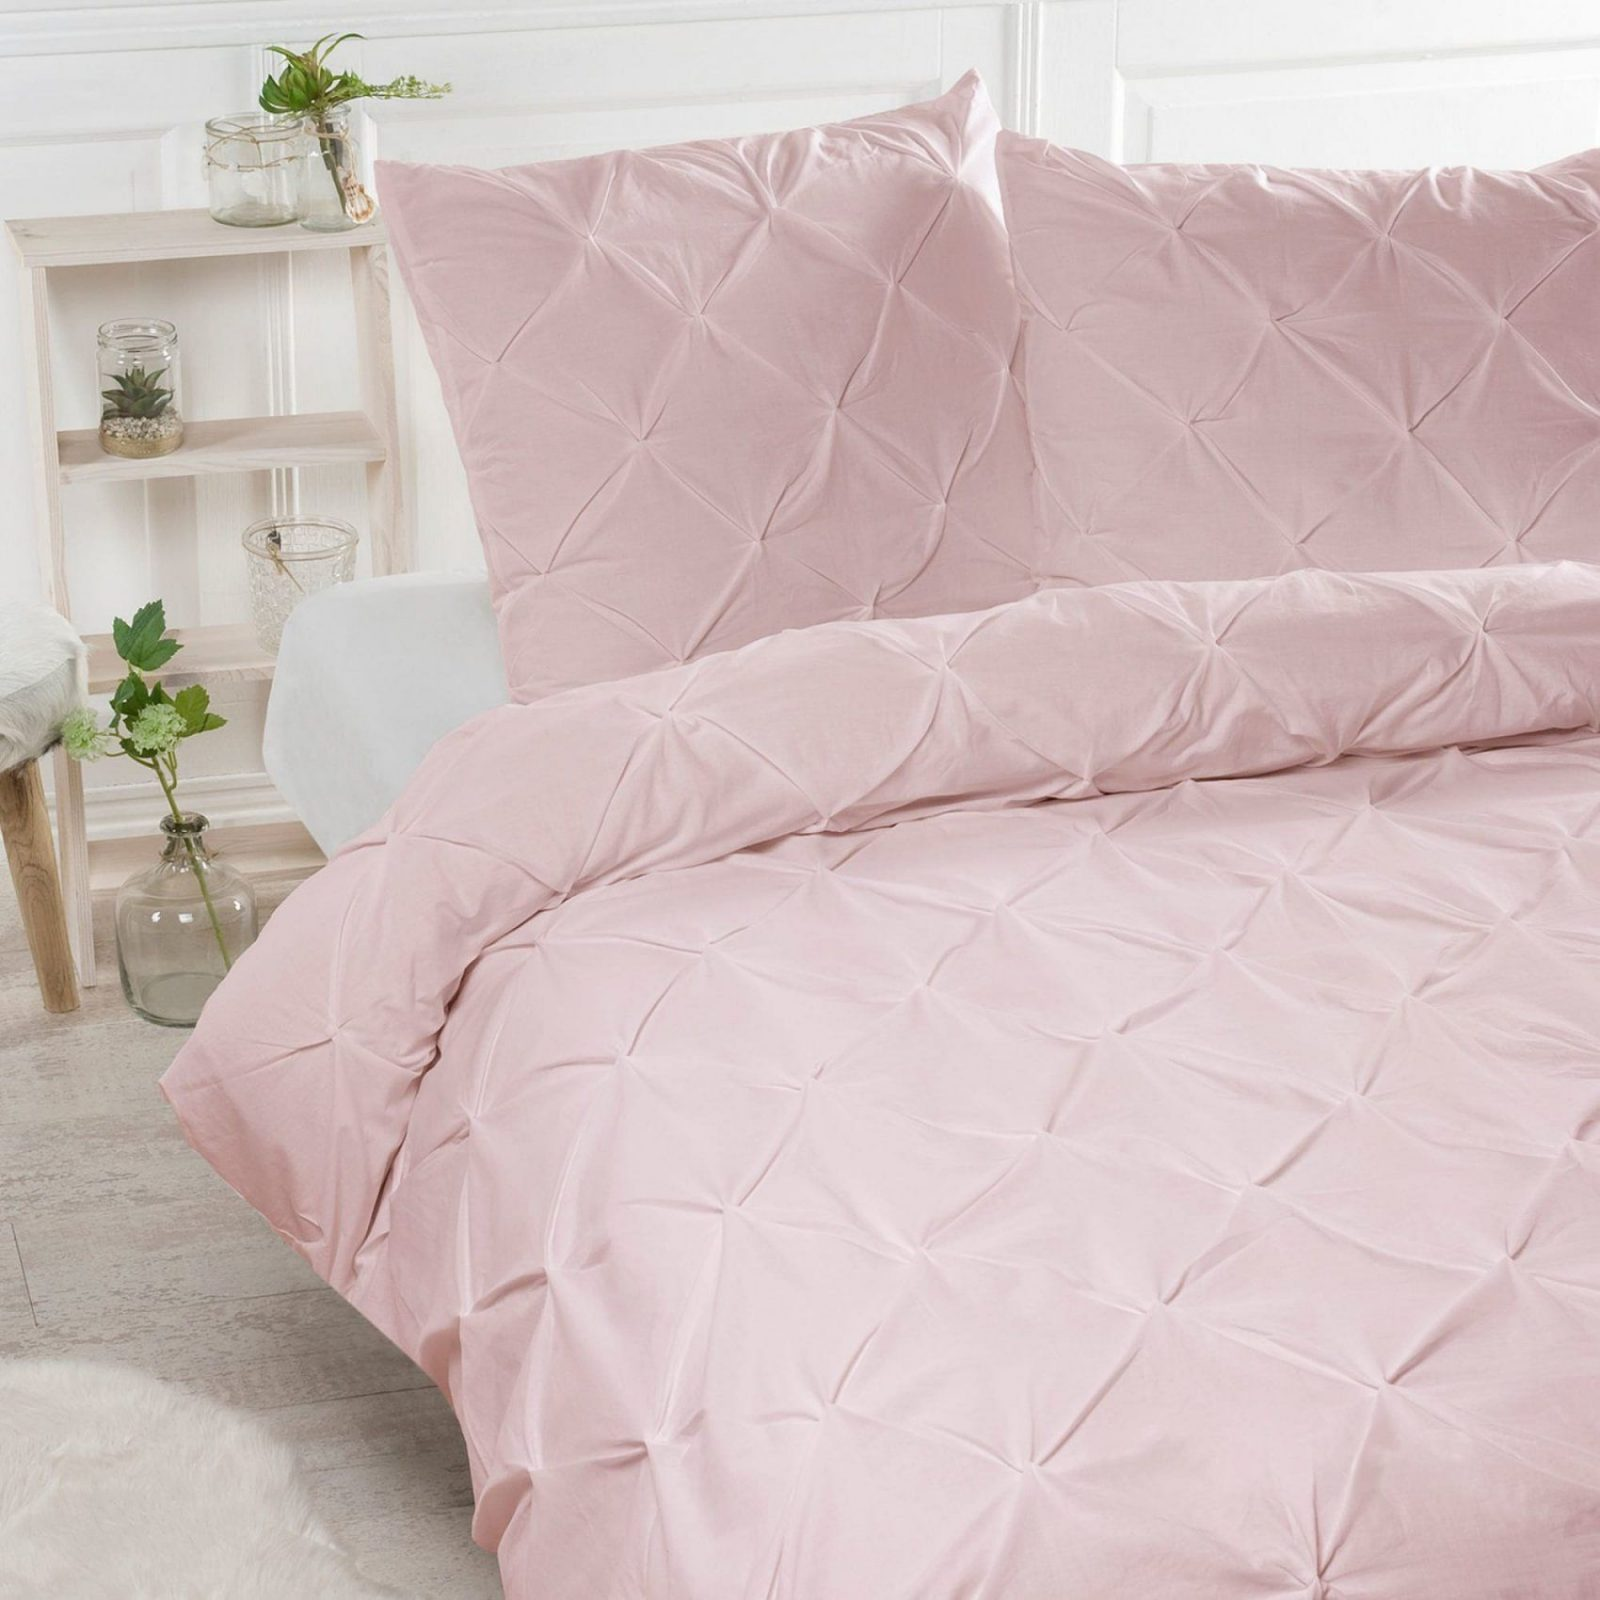 Neu Bettwäsche Selber Gestalten Baumwolle  Bettwäsche Ideen von Bettwäsche Selber Gestalten Günstig Bild